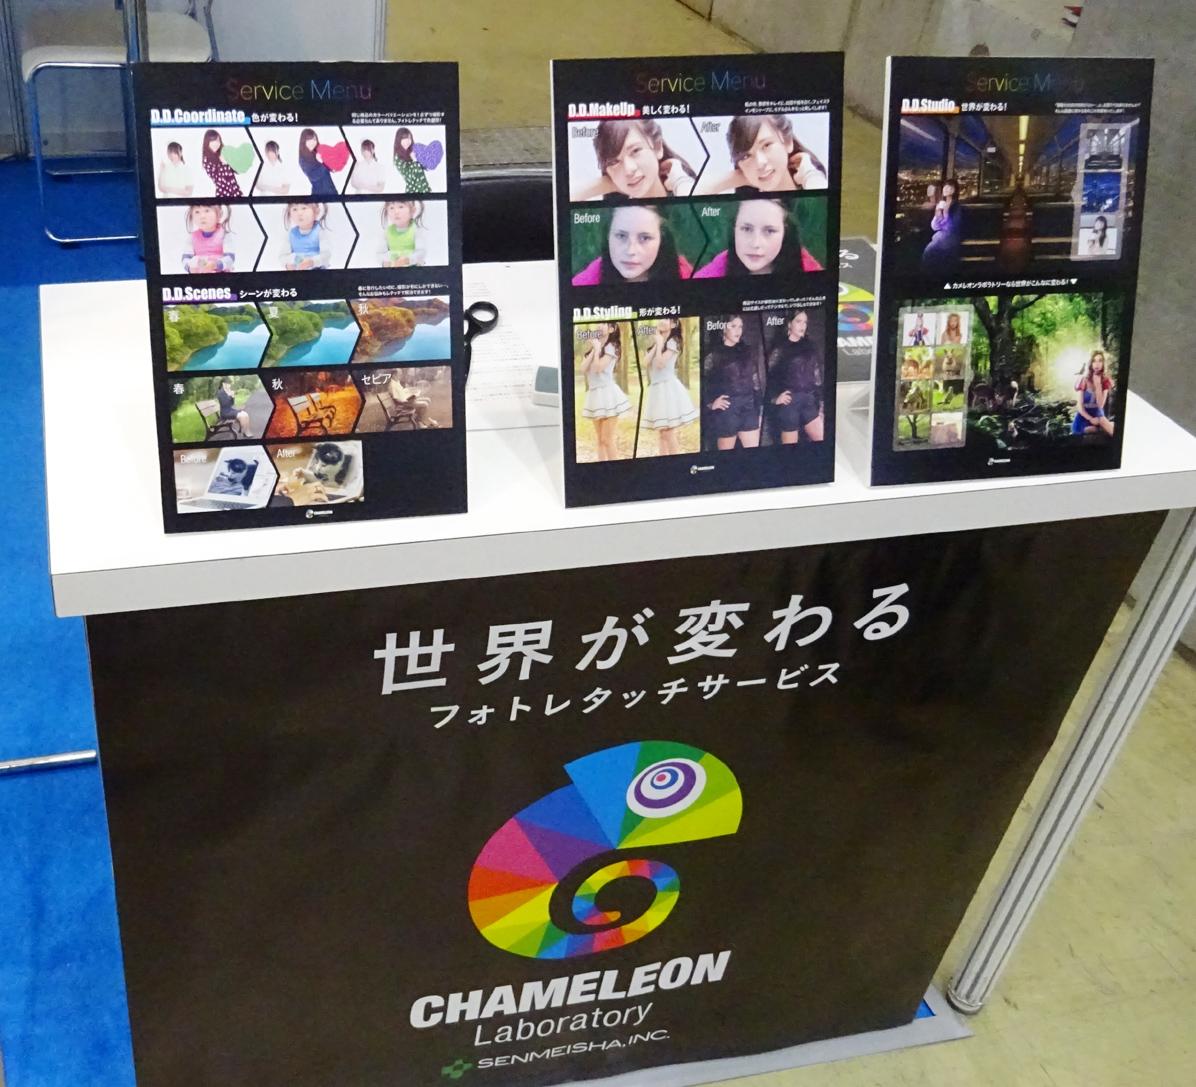 レタッチの進化版「カメレオンラボラトリー」の事業を紹介した千明社